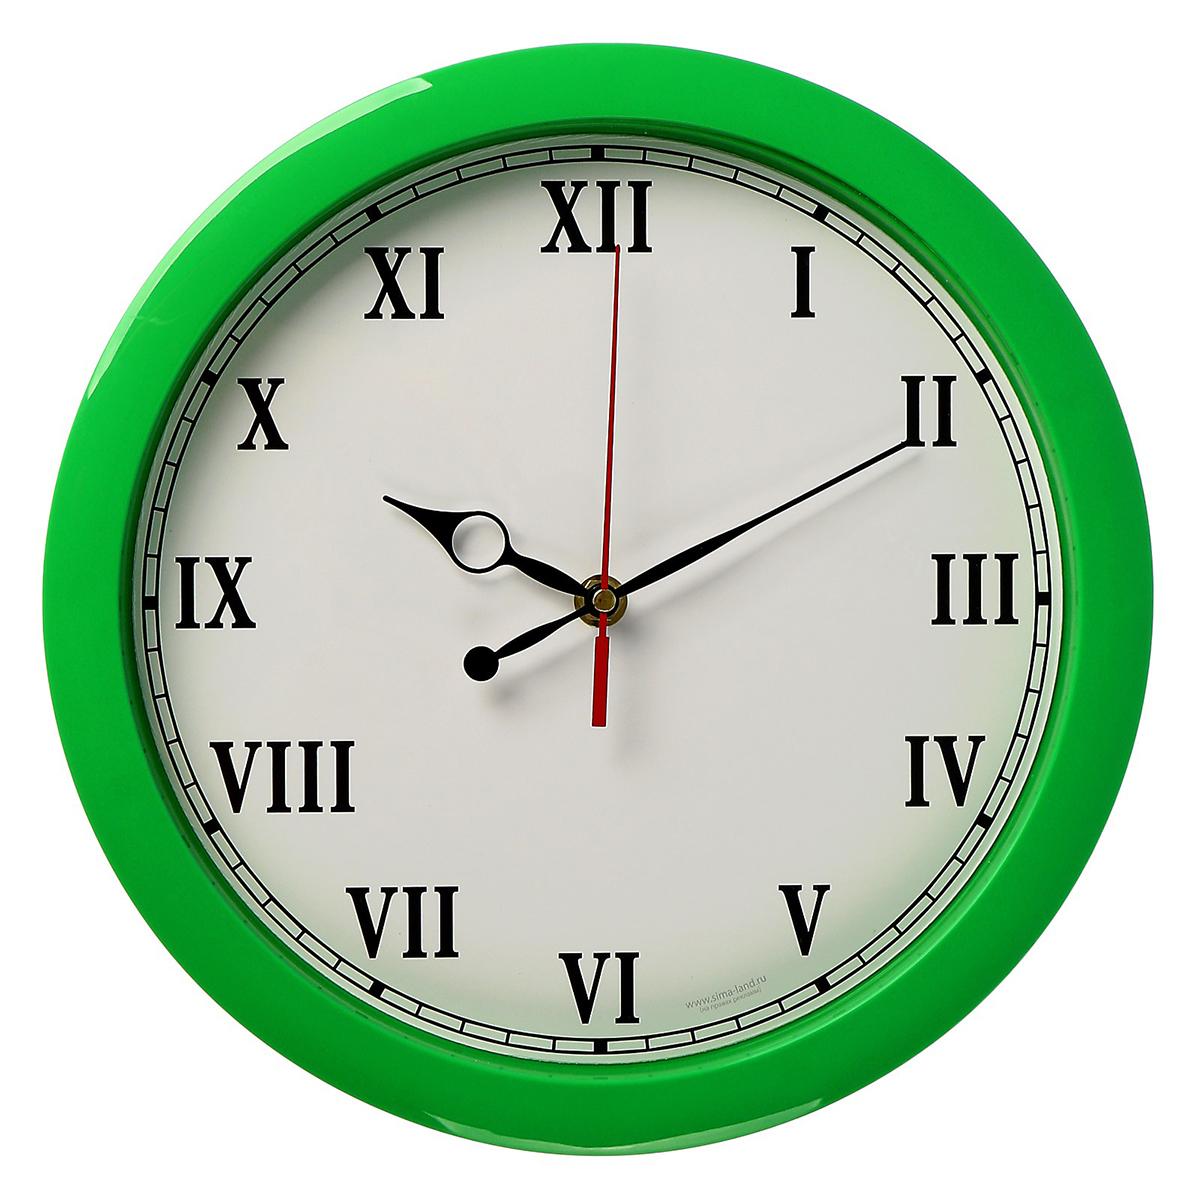 Часы настенные Классика, цвет: зеленый. 24364762436476Каждому хозяину периодически приходит мысль обновить свою квартиру, сделать ремонт, перестановку или кардинально поменять внешний вид каждой комнаты. — привлекательная деталь, которая поможет воплотить вашу интерьерную идею, создать неповторимую атмосферу в вашем доме. Окружите себя приятными мелочами, пусть они радуют глаз и дарят гармонию.Настенные часы пластик Классика, зелёный обод 2436476